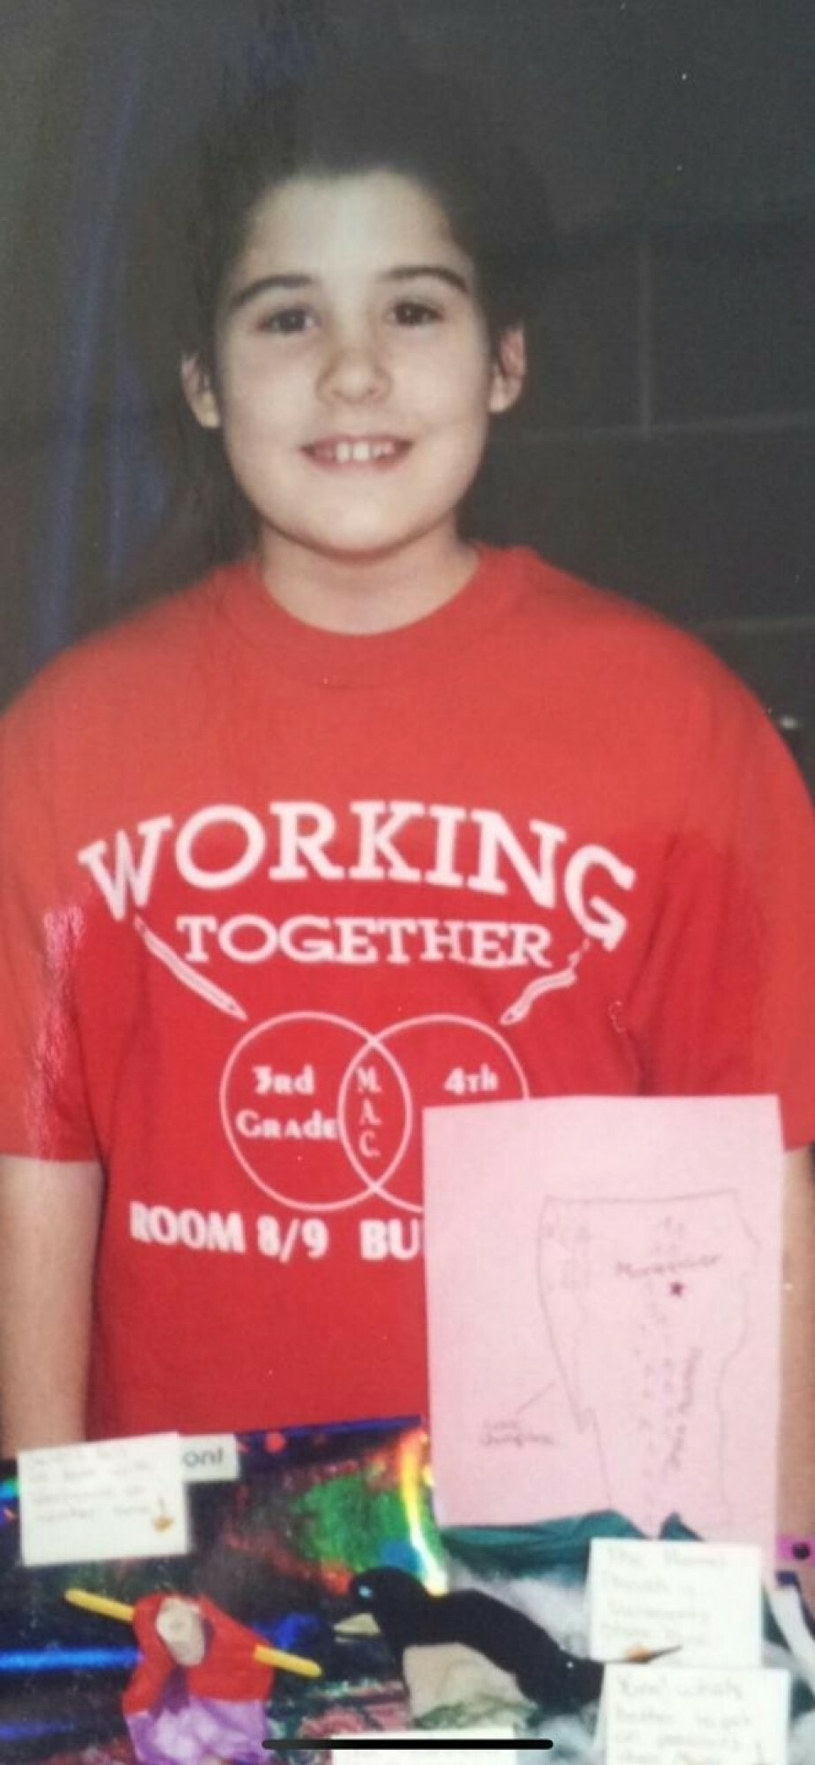 Problemy Sam Sinstress związane z odżywianiem zaczęły się, gdy dziewczynka miała 10 lat /Jam Press/@_sinstress_ / SplashNews.com/East News /East News